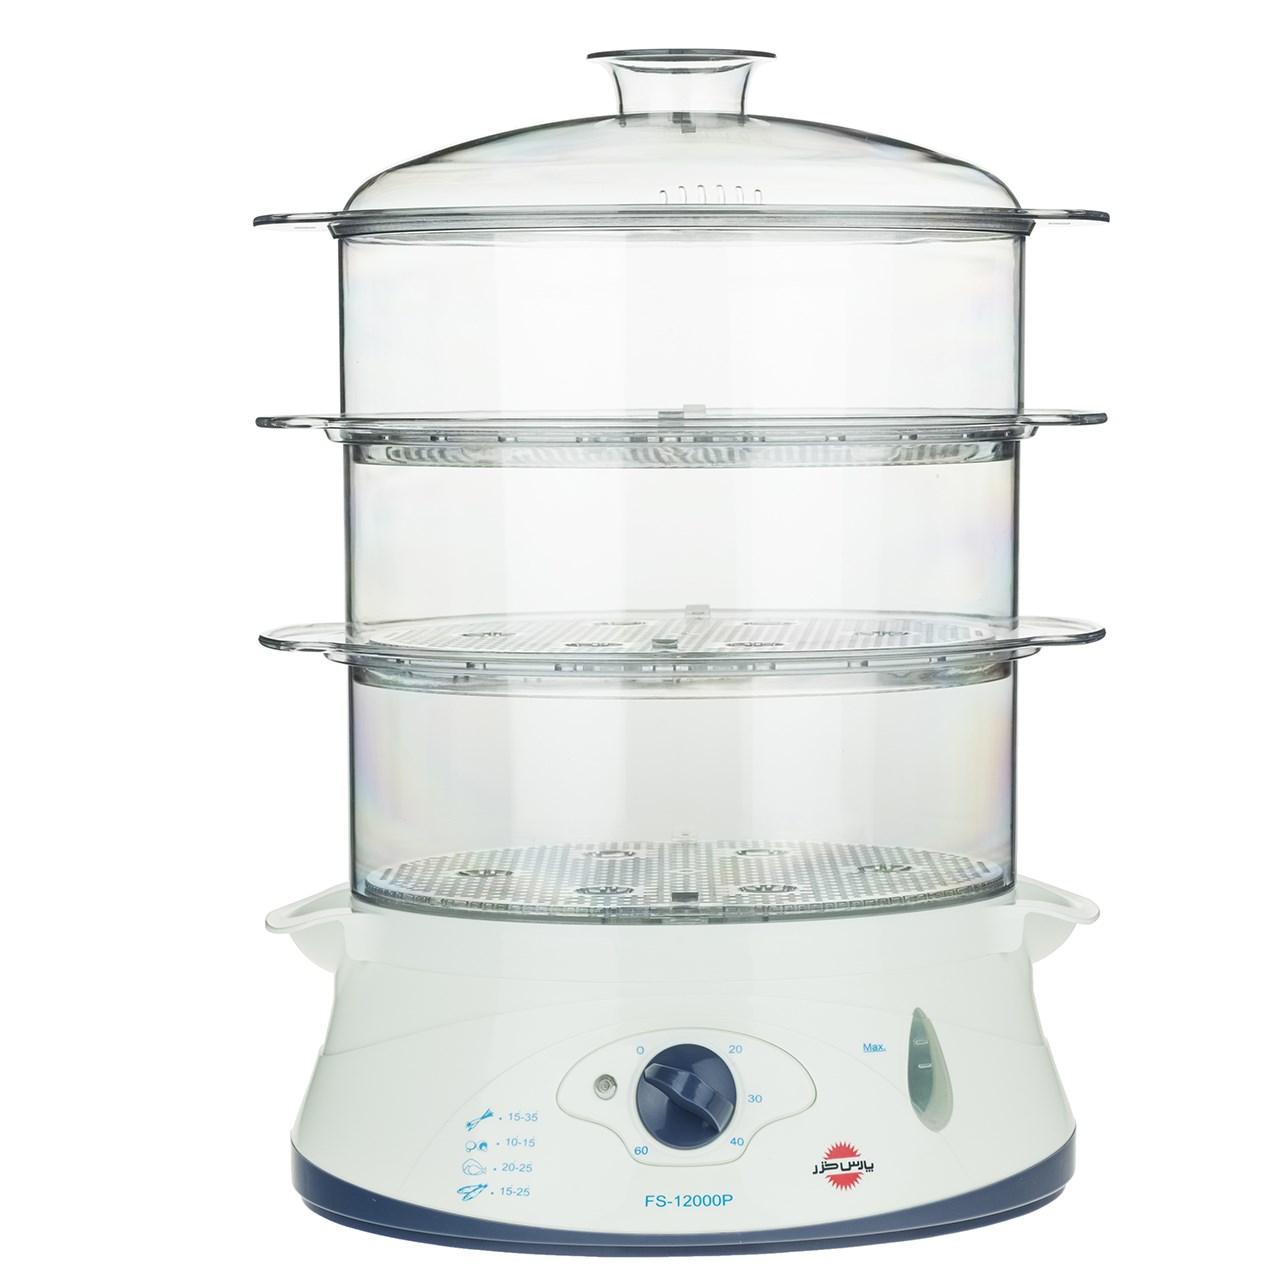 تصویر بخارپز پارس خزر مدل FS-12000P Pars Khazar FS-12000P Steam Cooker